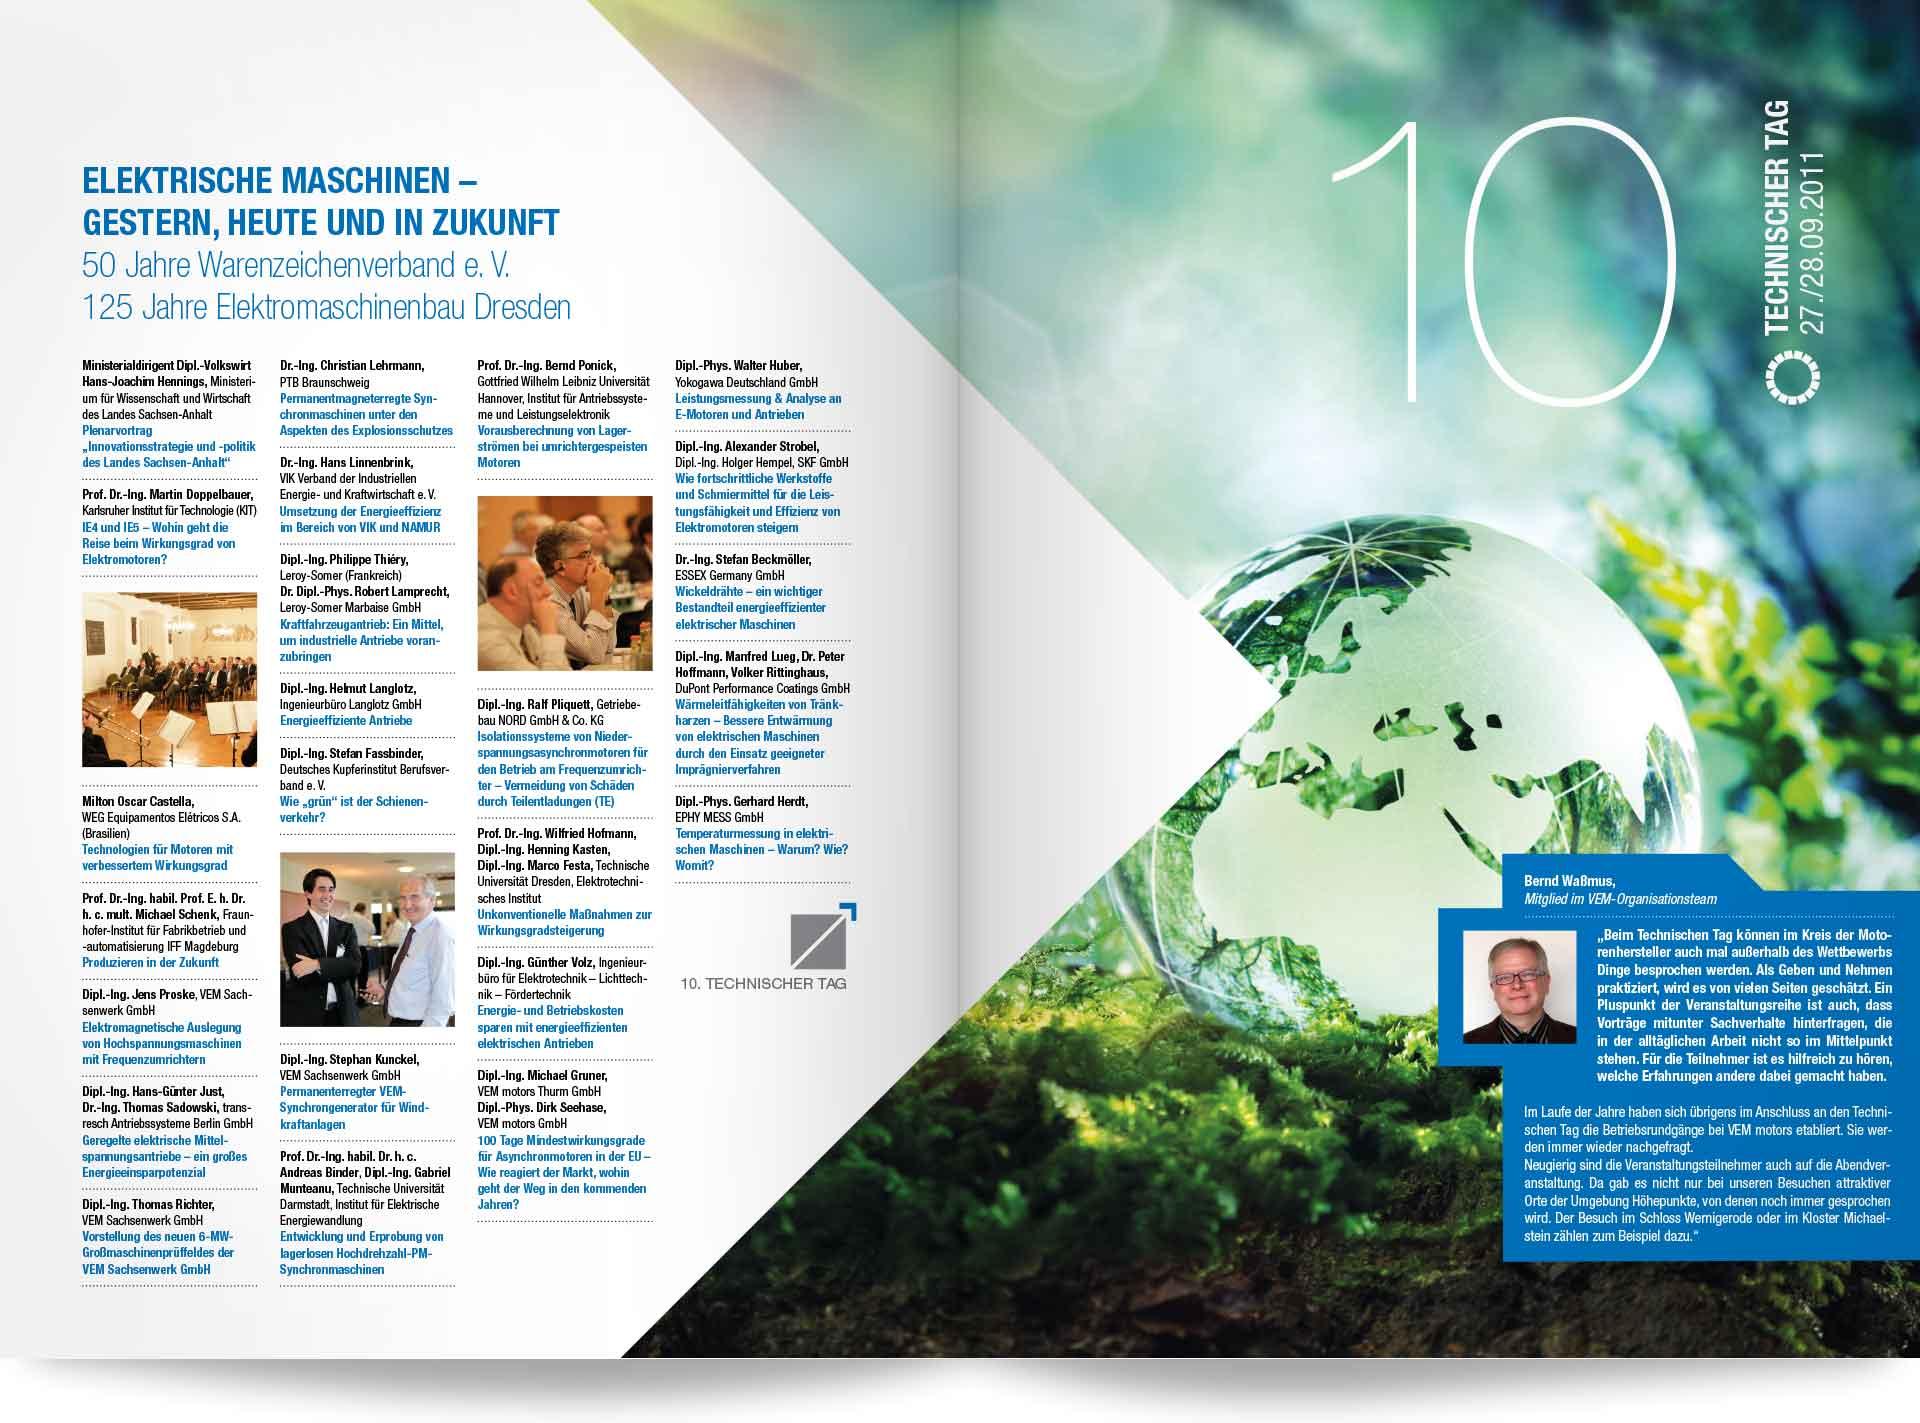 VEM Technischer Tag 2011 Beispielseite